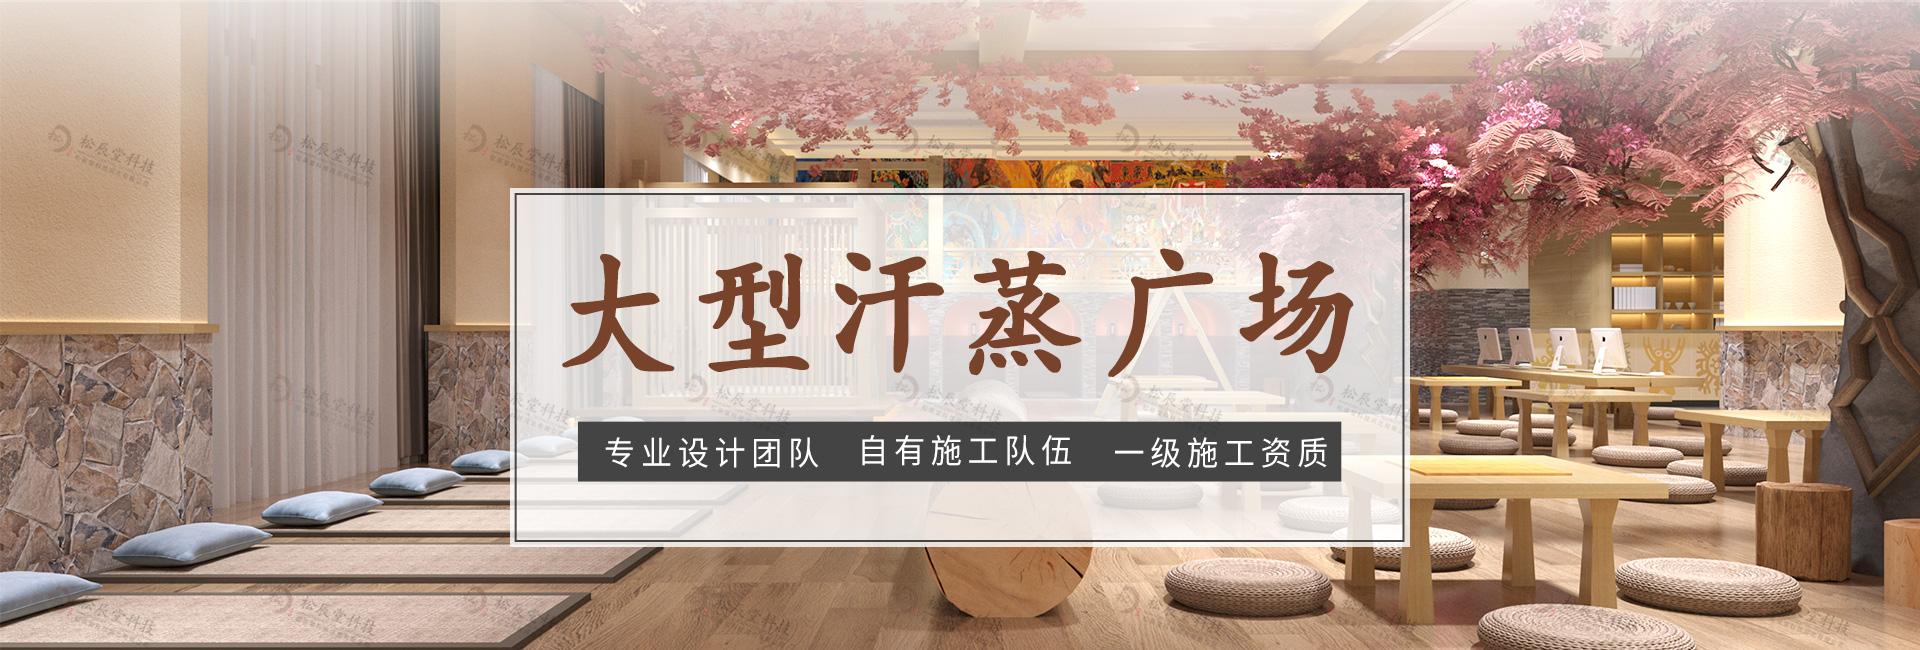 松辰堂科技专注承建各类大型汗蒸房